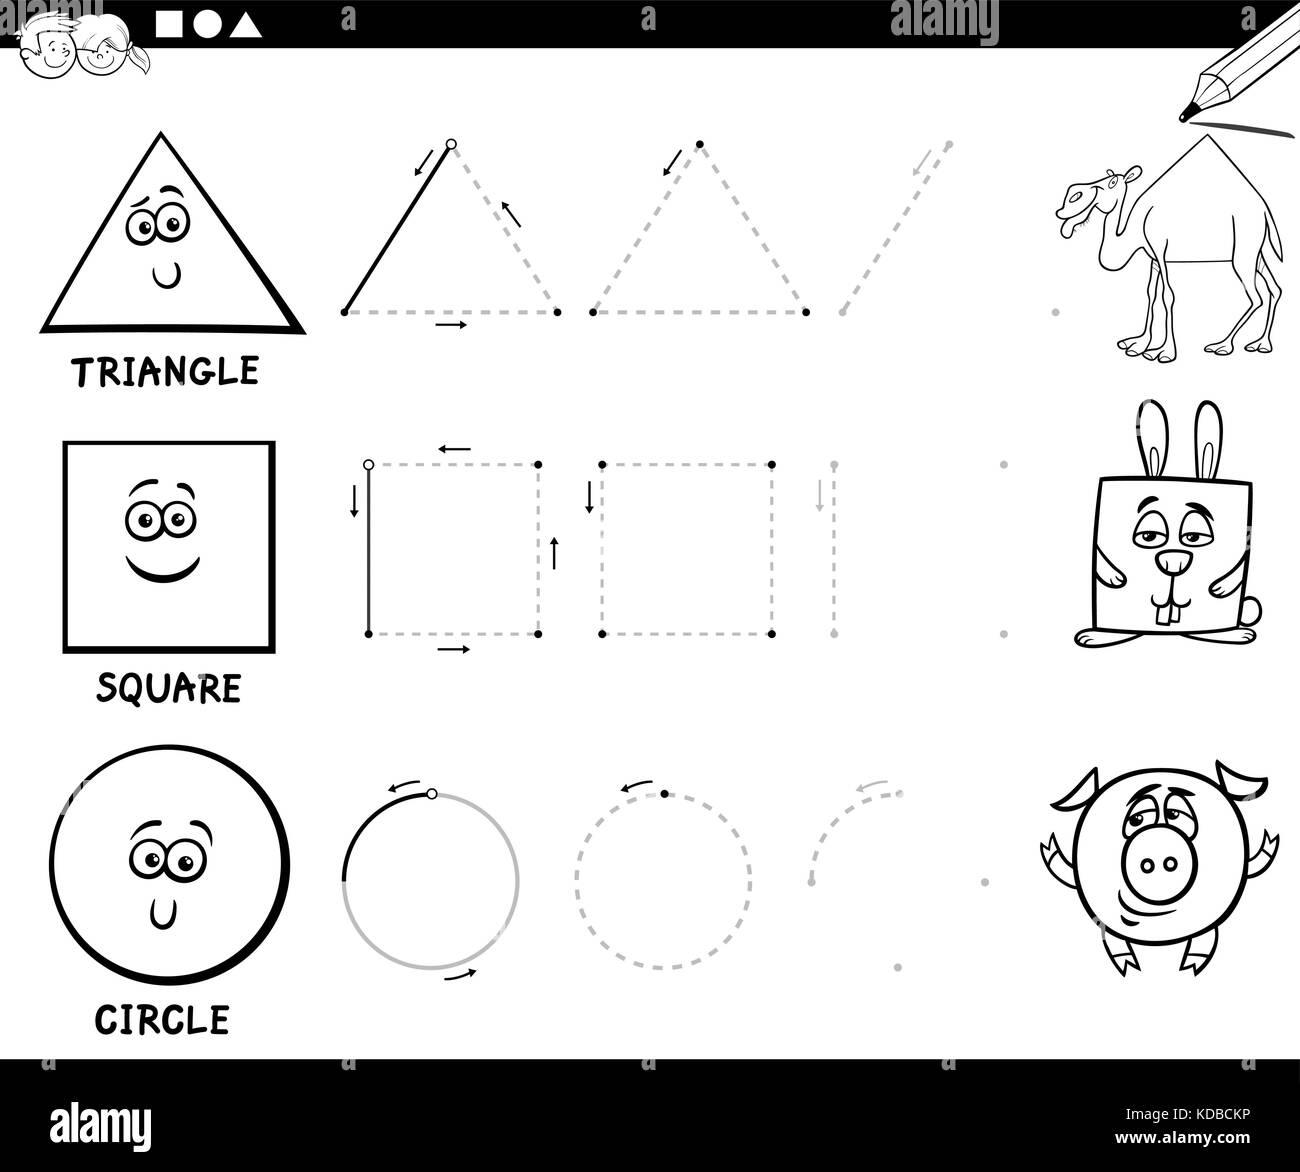 Blanco Y Negro Ilustración Dibujos Animados Educativos De Forma